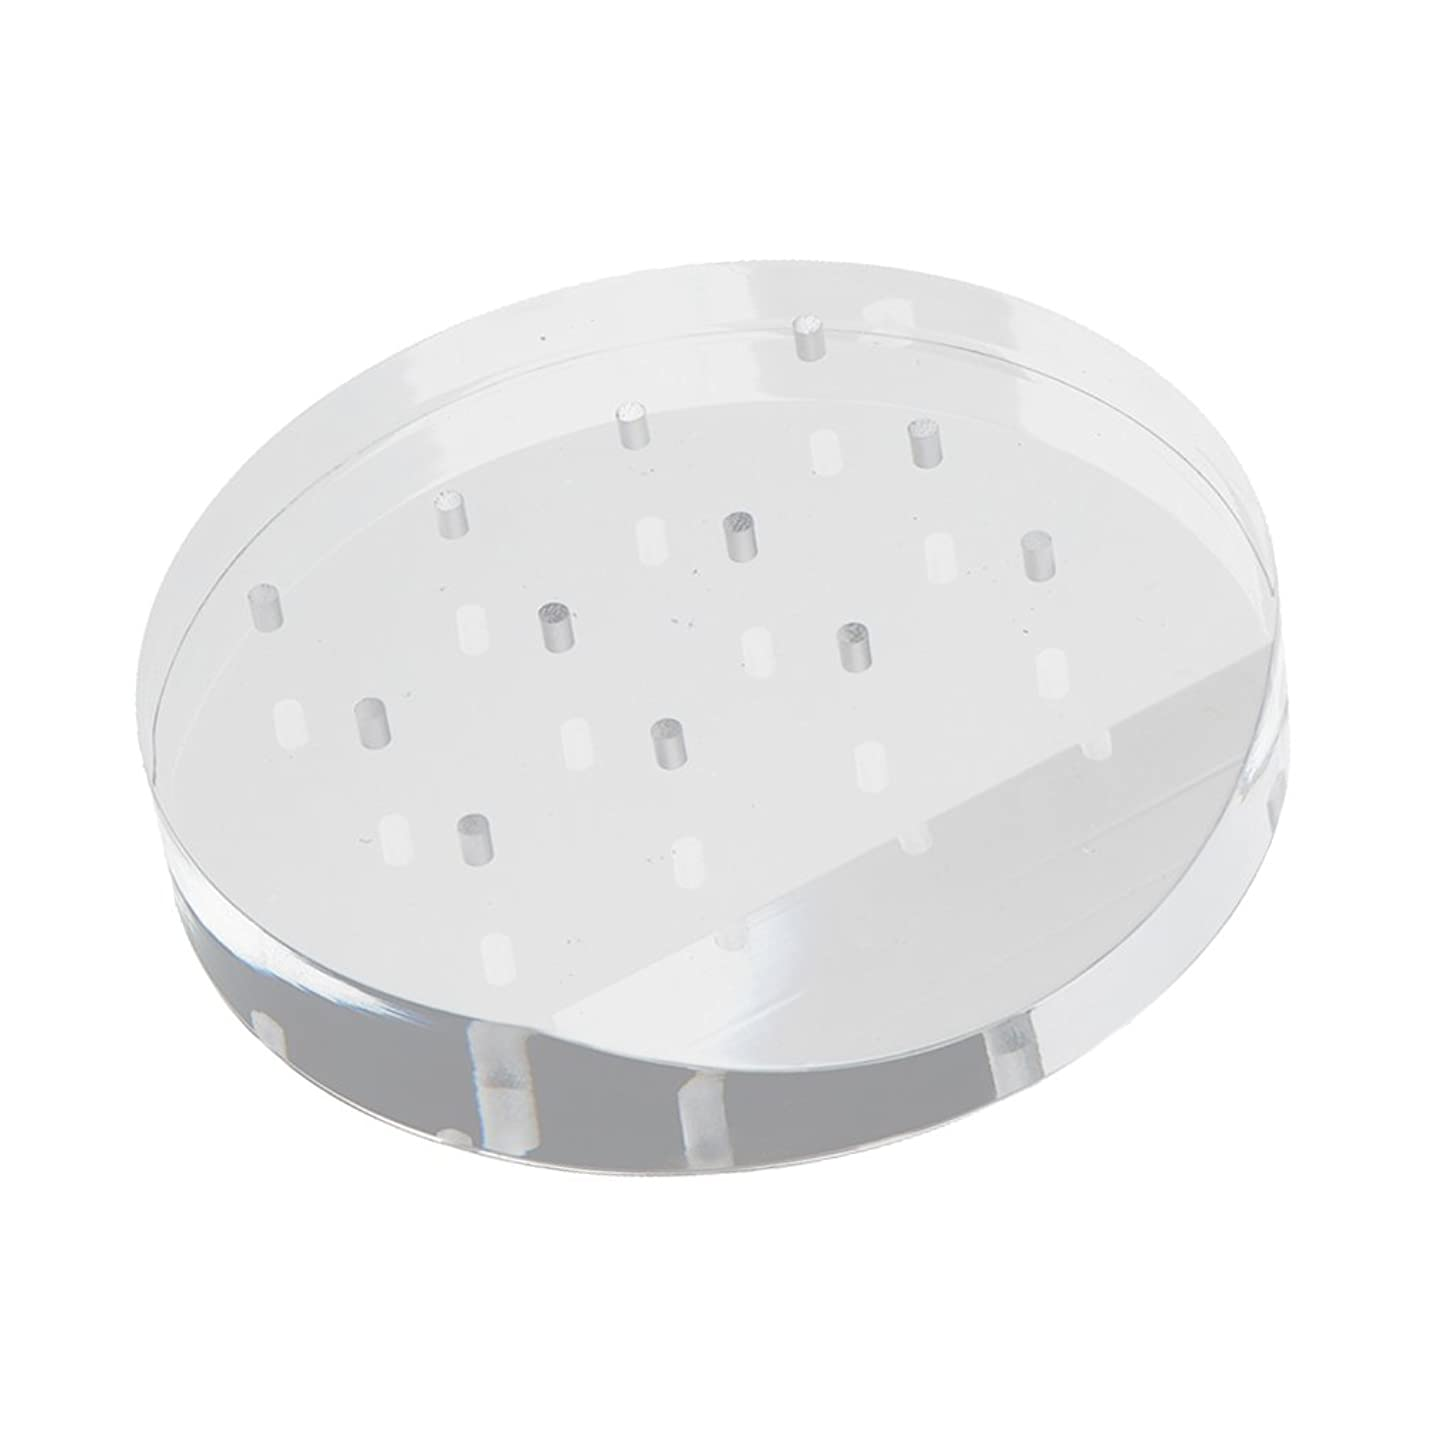 絶対にアヒル作りますSONONIA ネイルドリルビット ホルダー スタンド アクリル 12穴 マニキュア ネイル 収納オーガナイザー 便利 高品質